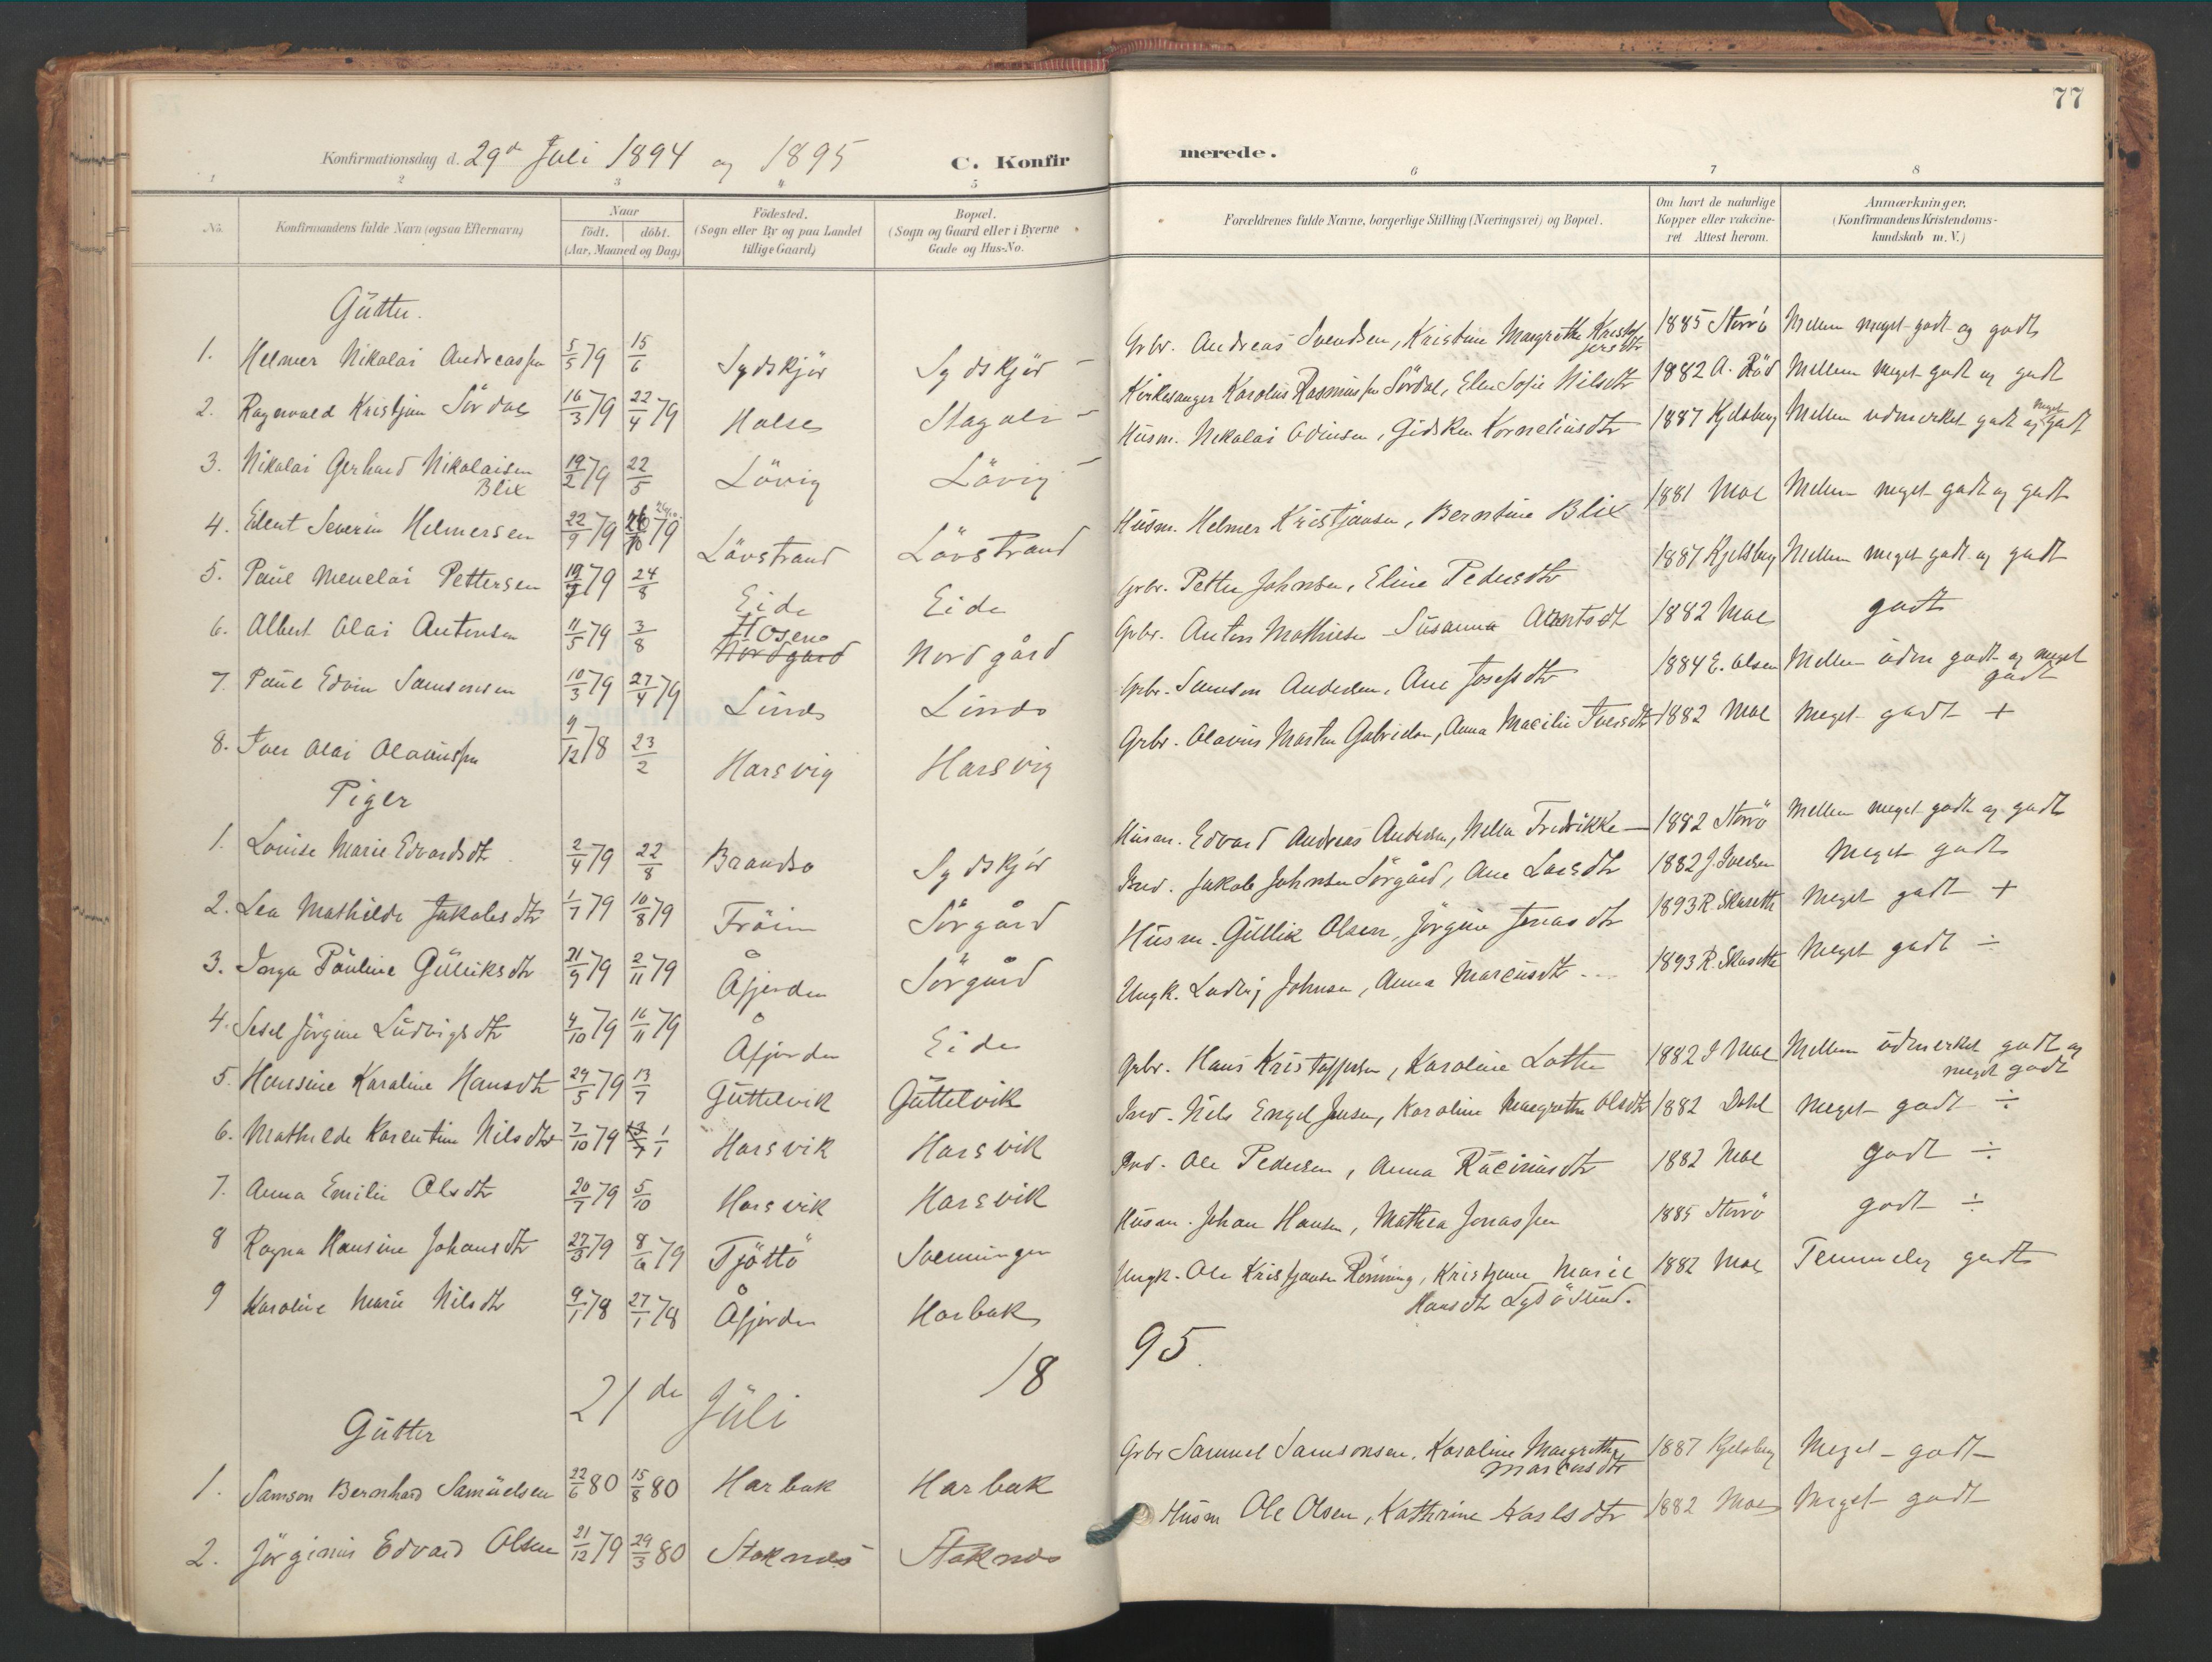 SAT, Ministerialprotokoller, klokkerbøker og fødselsregistre - Sør-Trøndelag, 656/L0693: Ministerialbok nr. 656A02, 1894-1913, s. 77